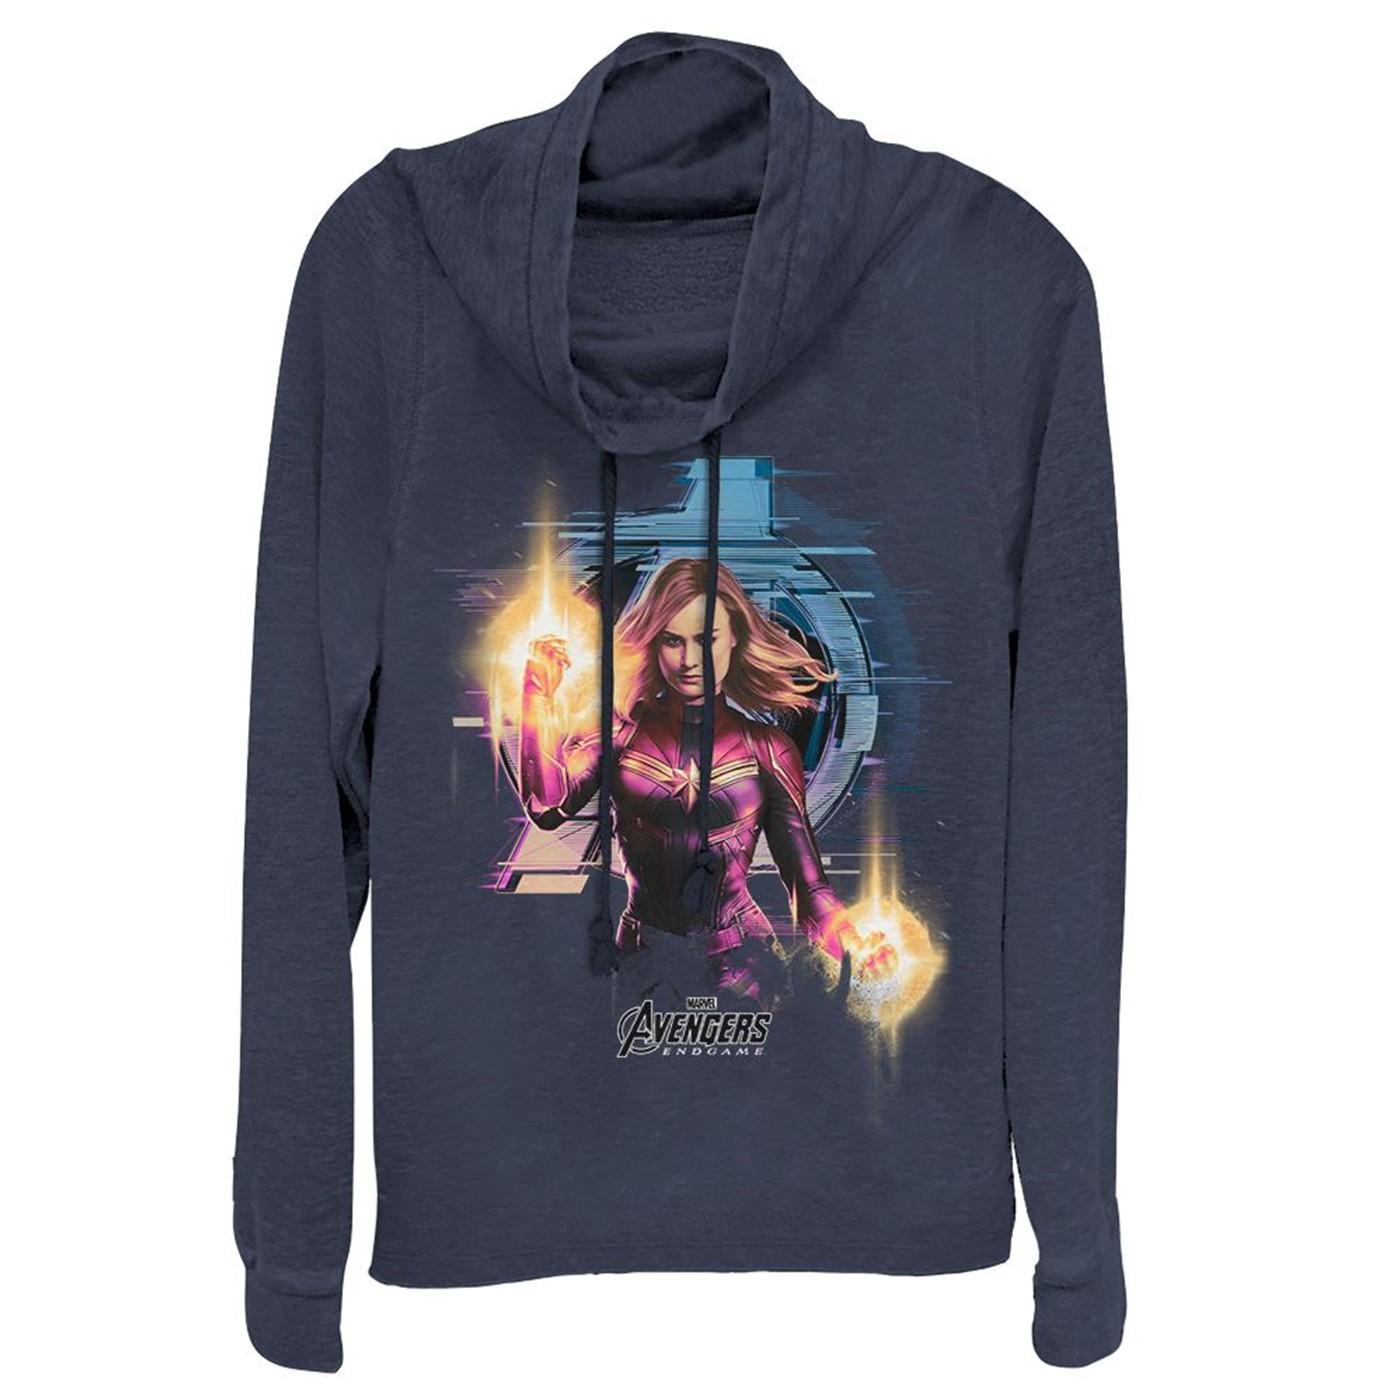 Avengers Endgame Captain Marvel Women's Cowl Neck Sweater